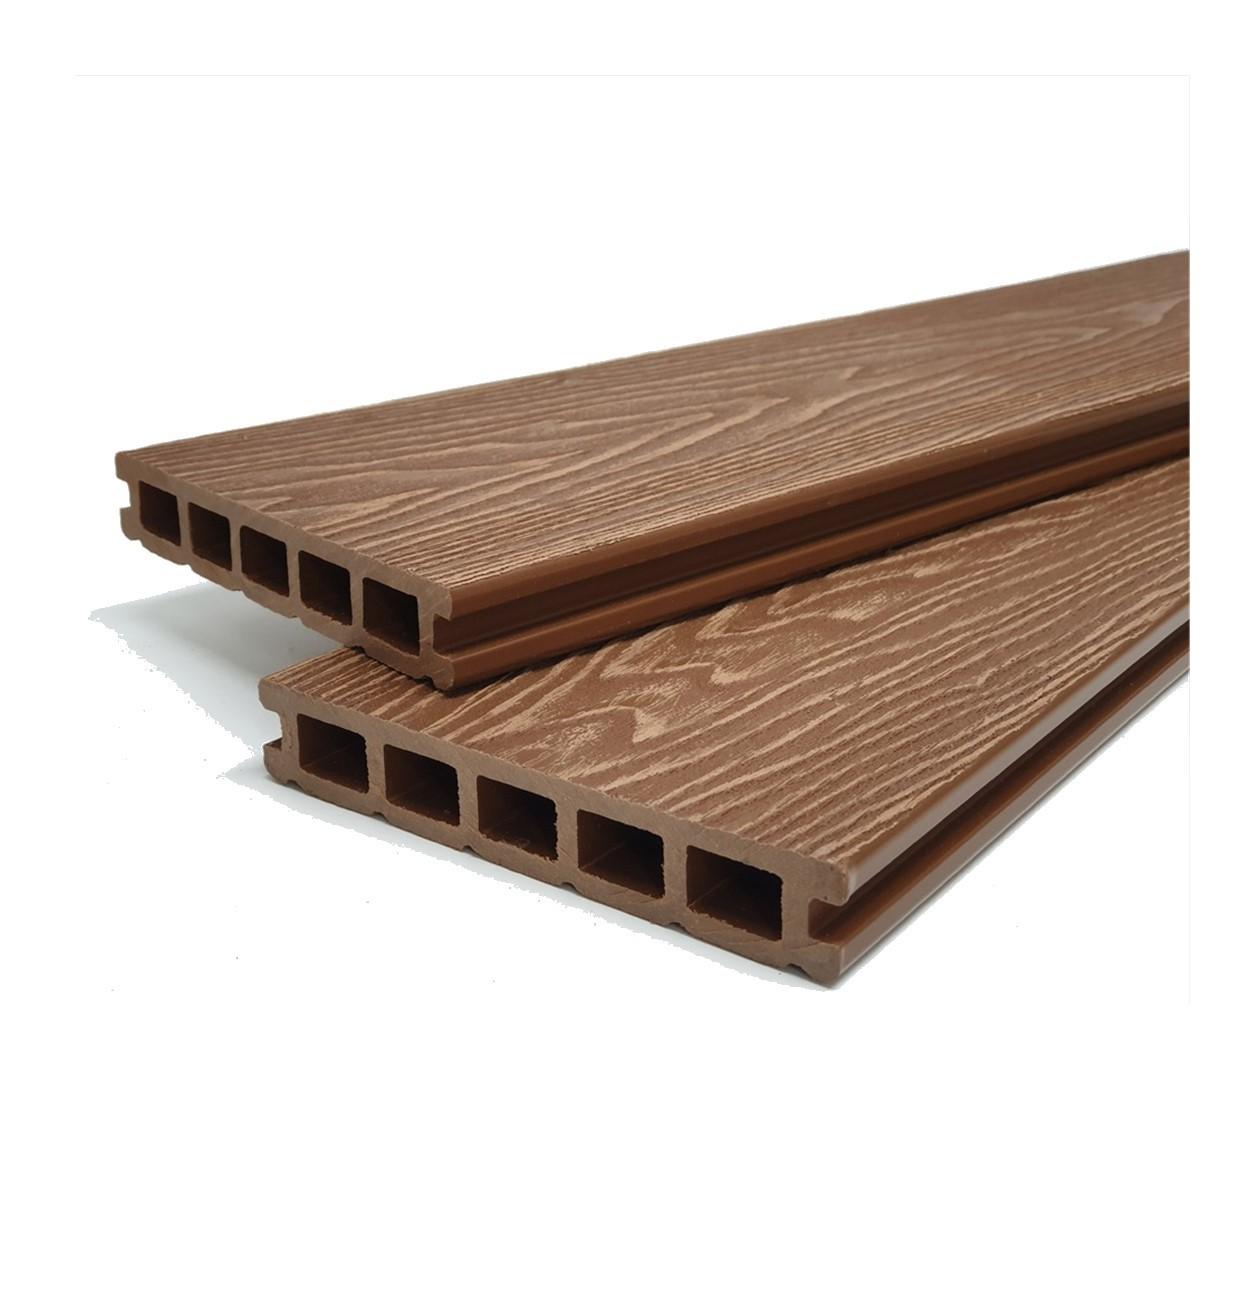 Teak Brown Reversible Wood Grain Composite Decking Kit 3.6m Boards (Price per sqm/£27 per board)